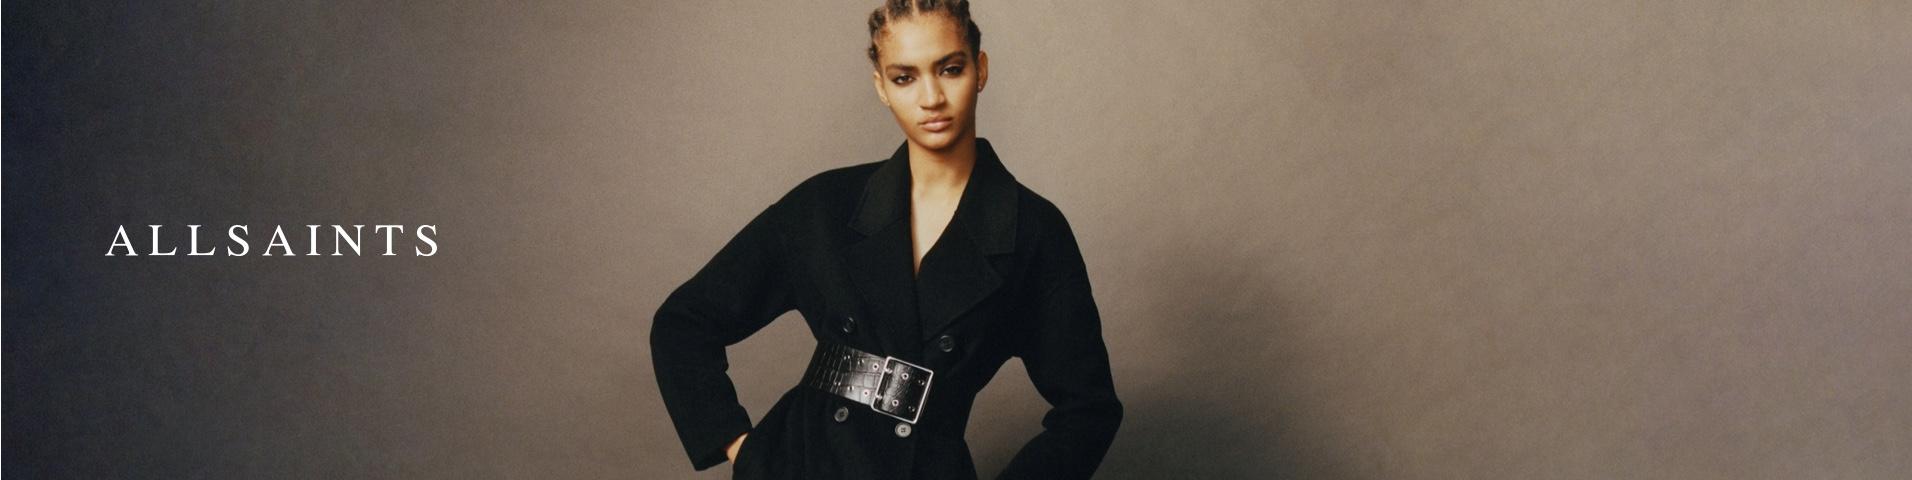 Günstige AllSaints Damenbekleidung im Sale online entdecken